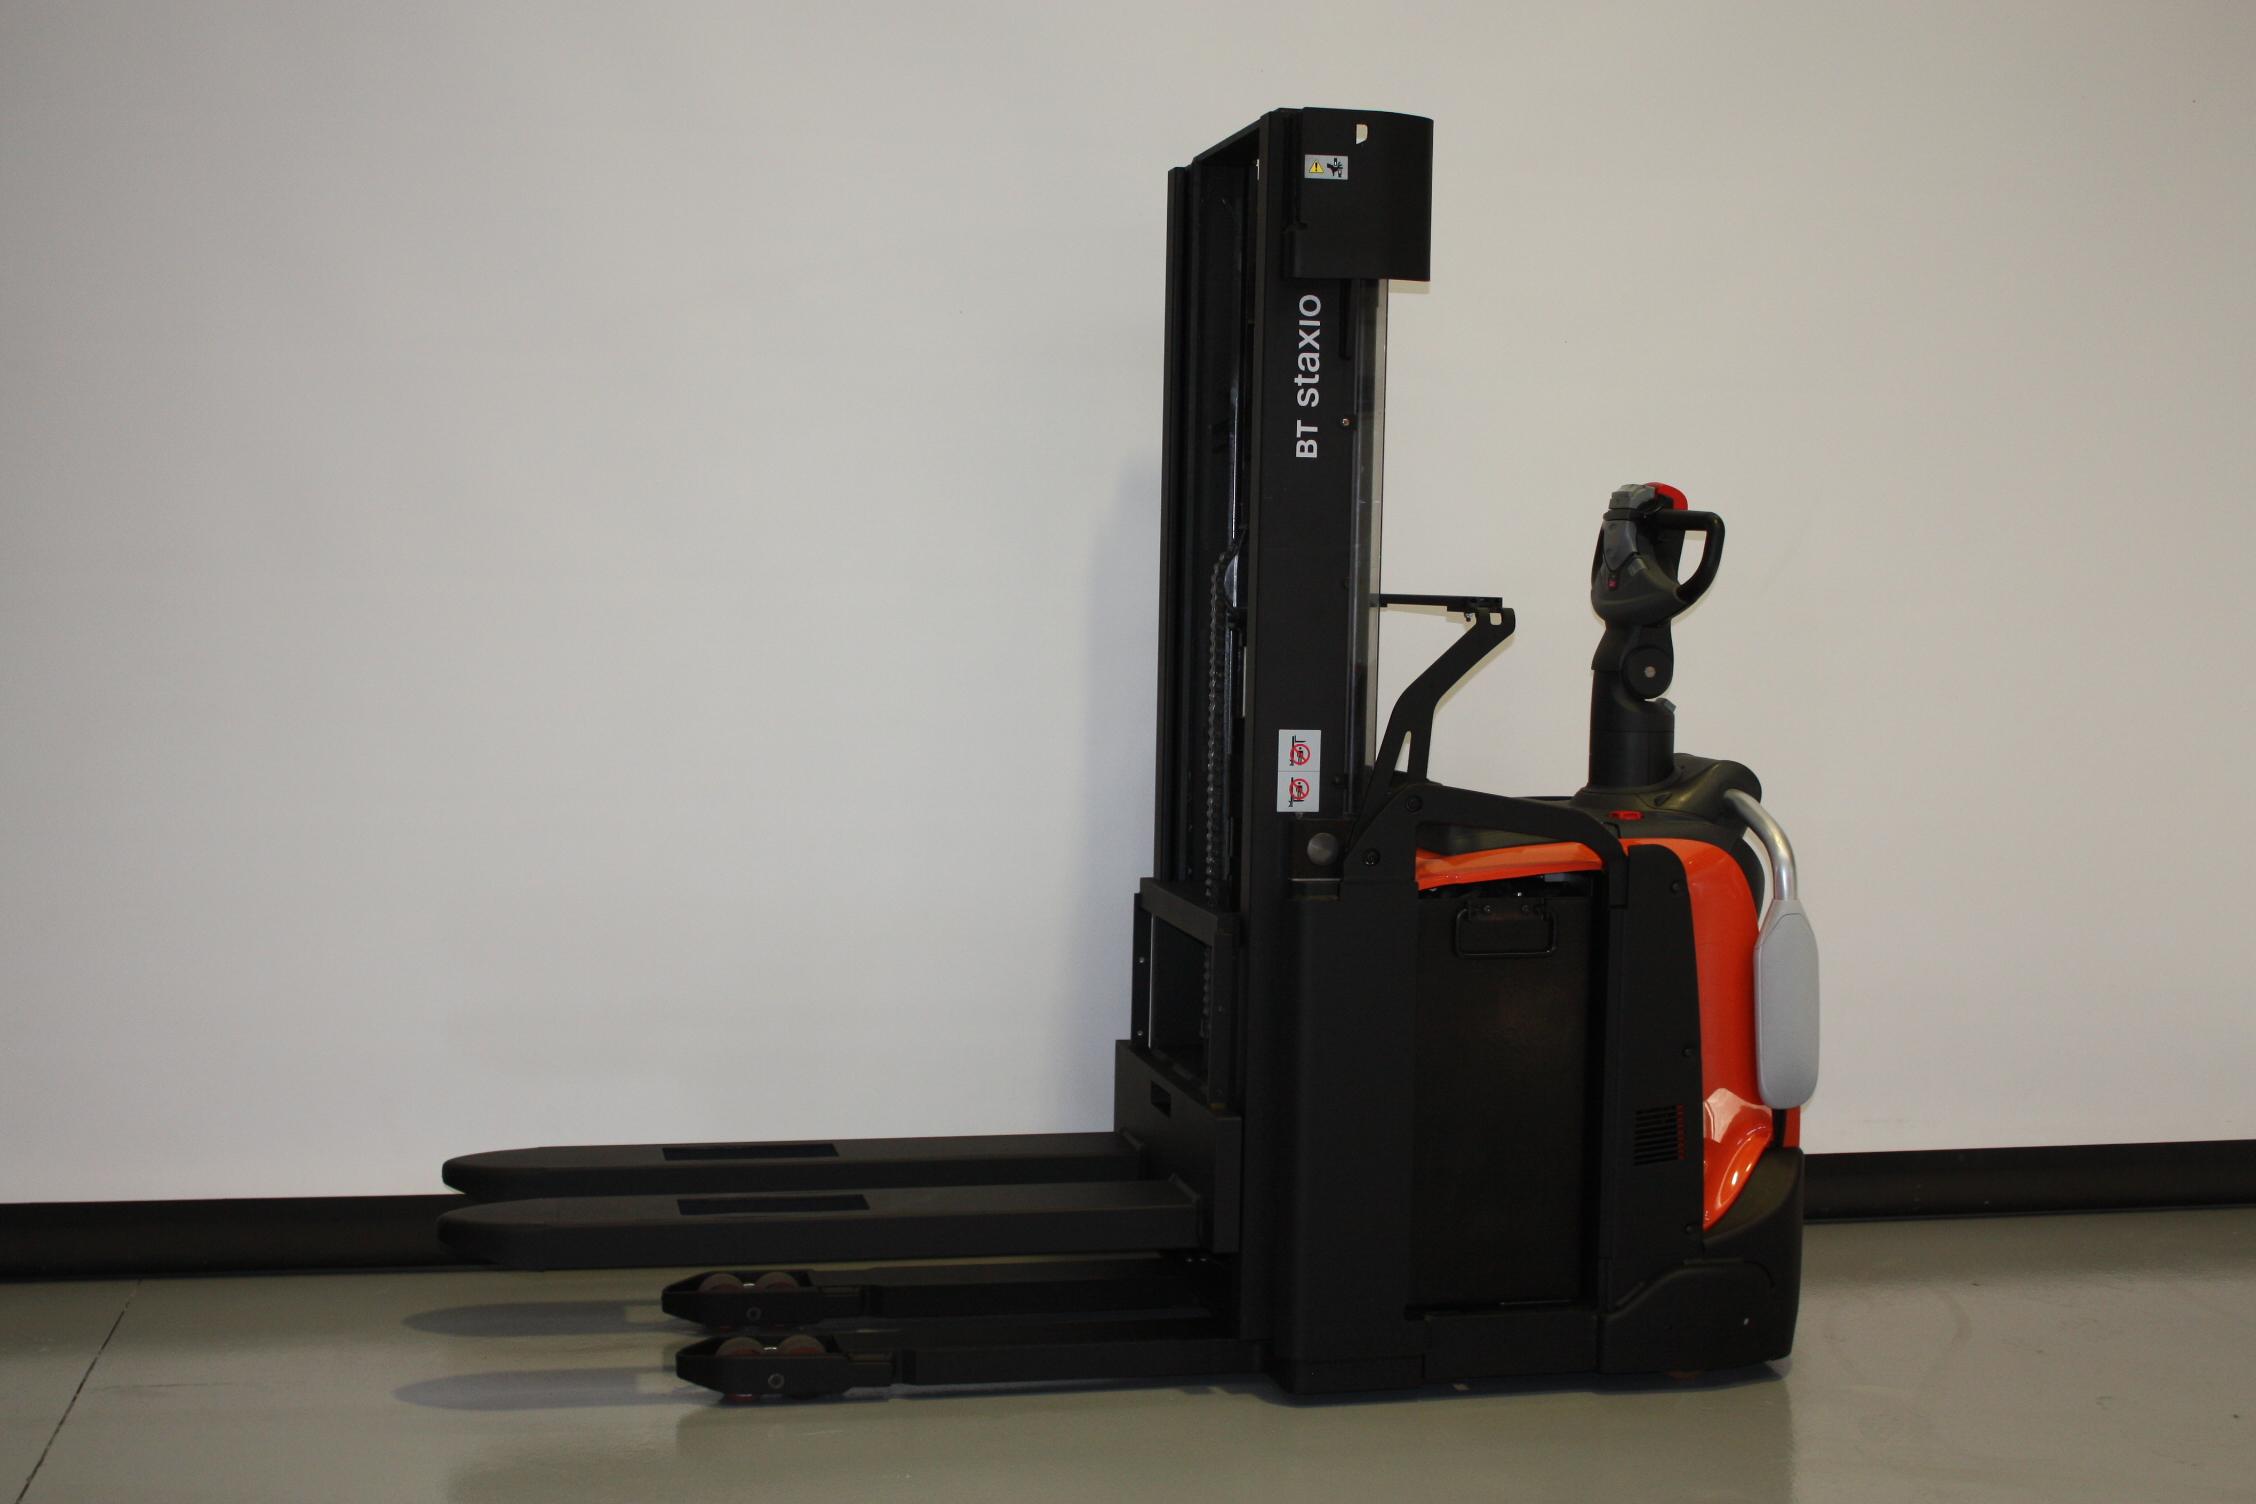 Toyota-Gabelstapler-59840 1711030881 1 35